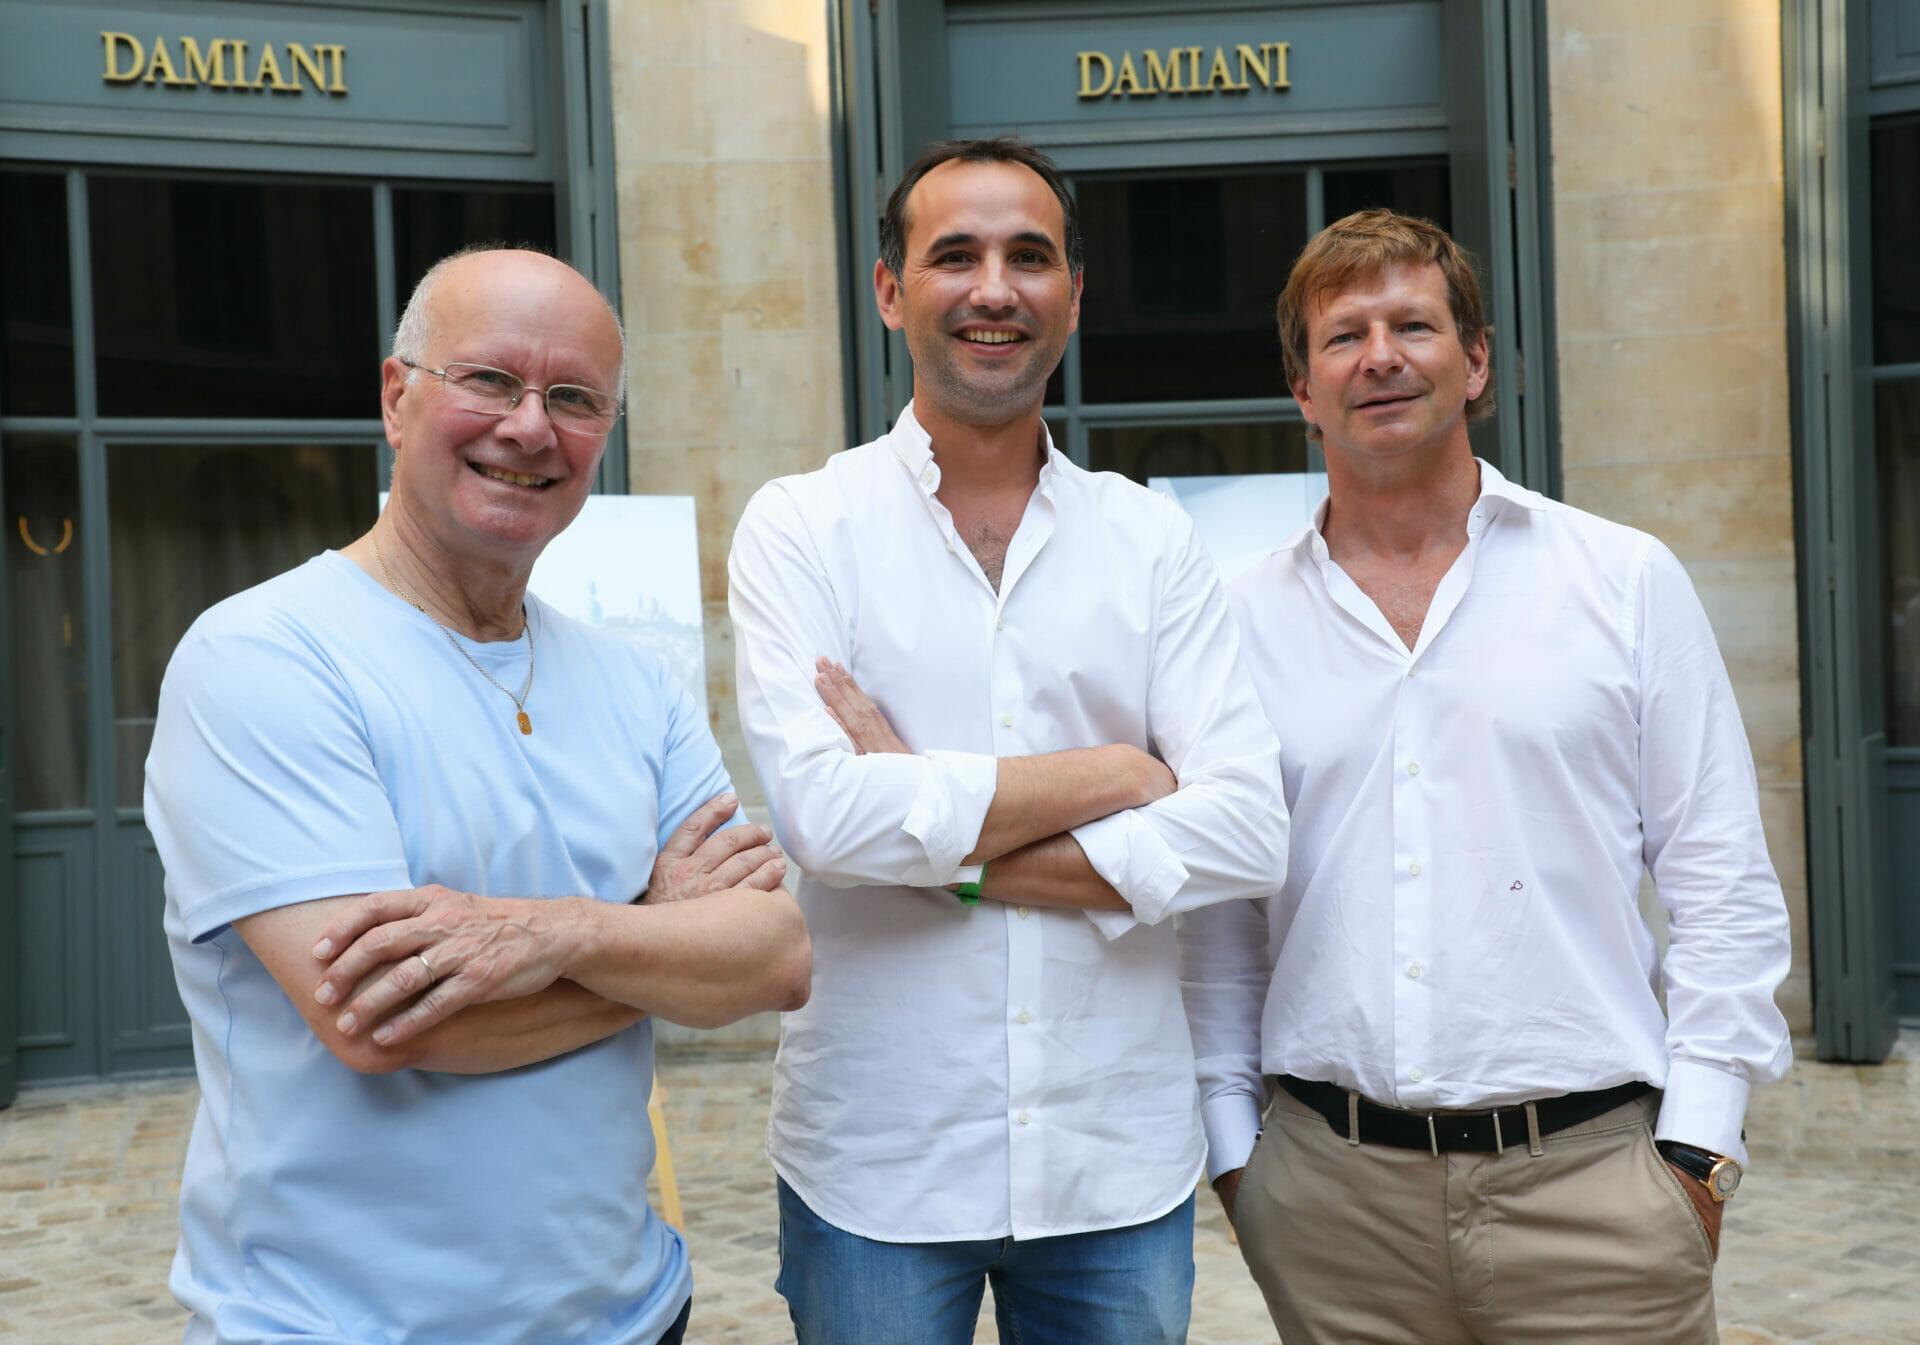 Beside Sport - La Colonne Vendôme prise sous tous les angles - Jean-François Fortchantre, François Perret, Lorenz Bäumer (De gauche à droite) -